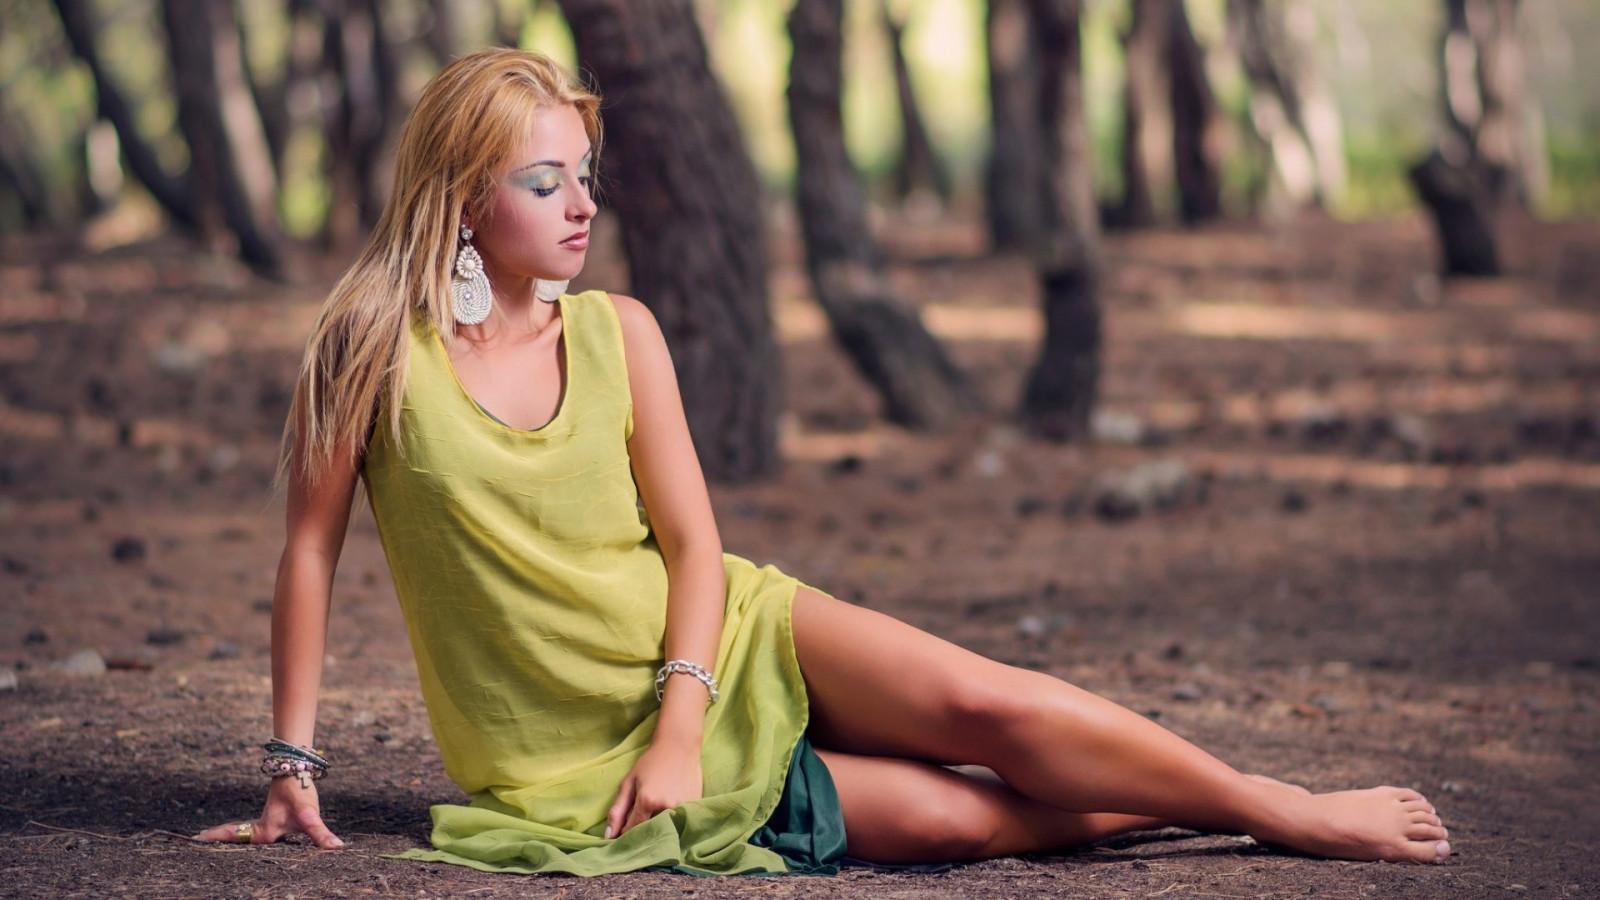 https://c.wallhere.com/photos/fa/4c/women_outdoors_women_model_barefoot-8389.jpg!d